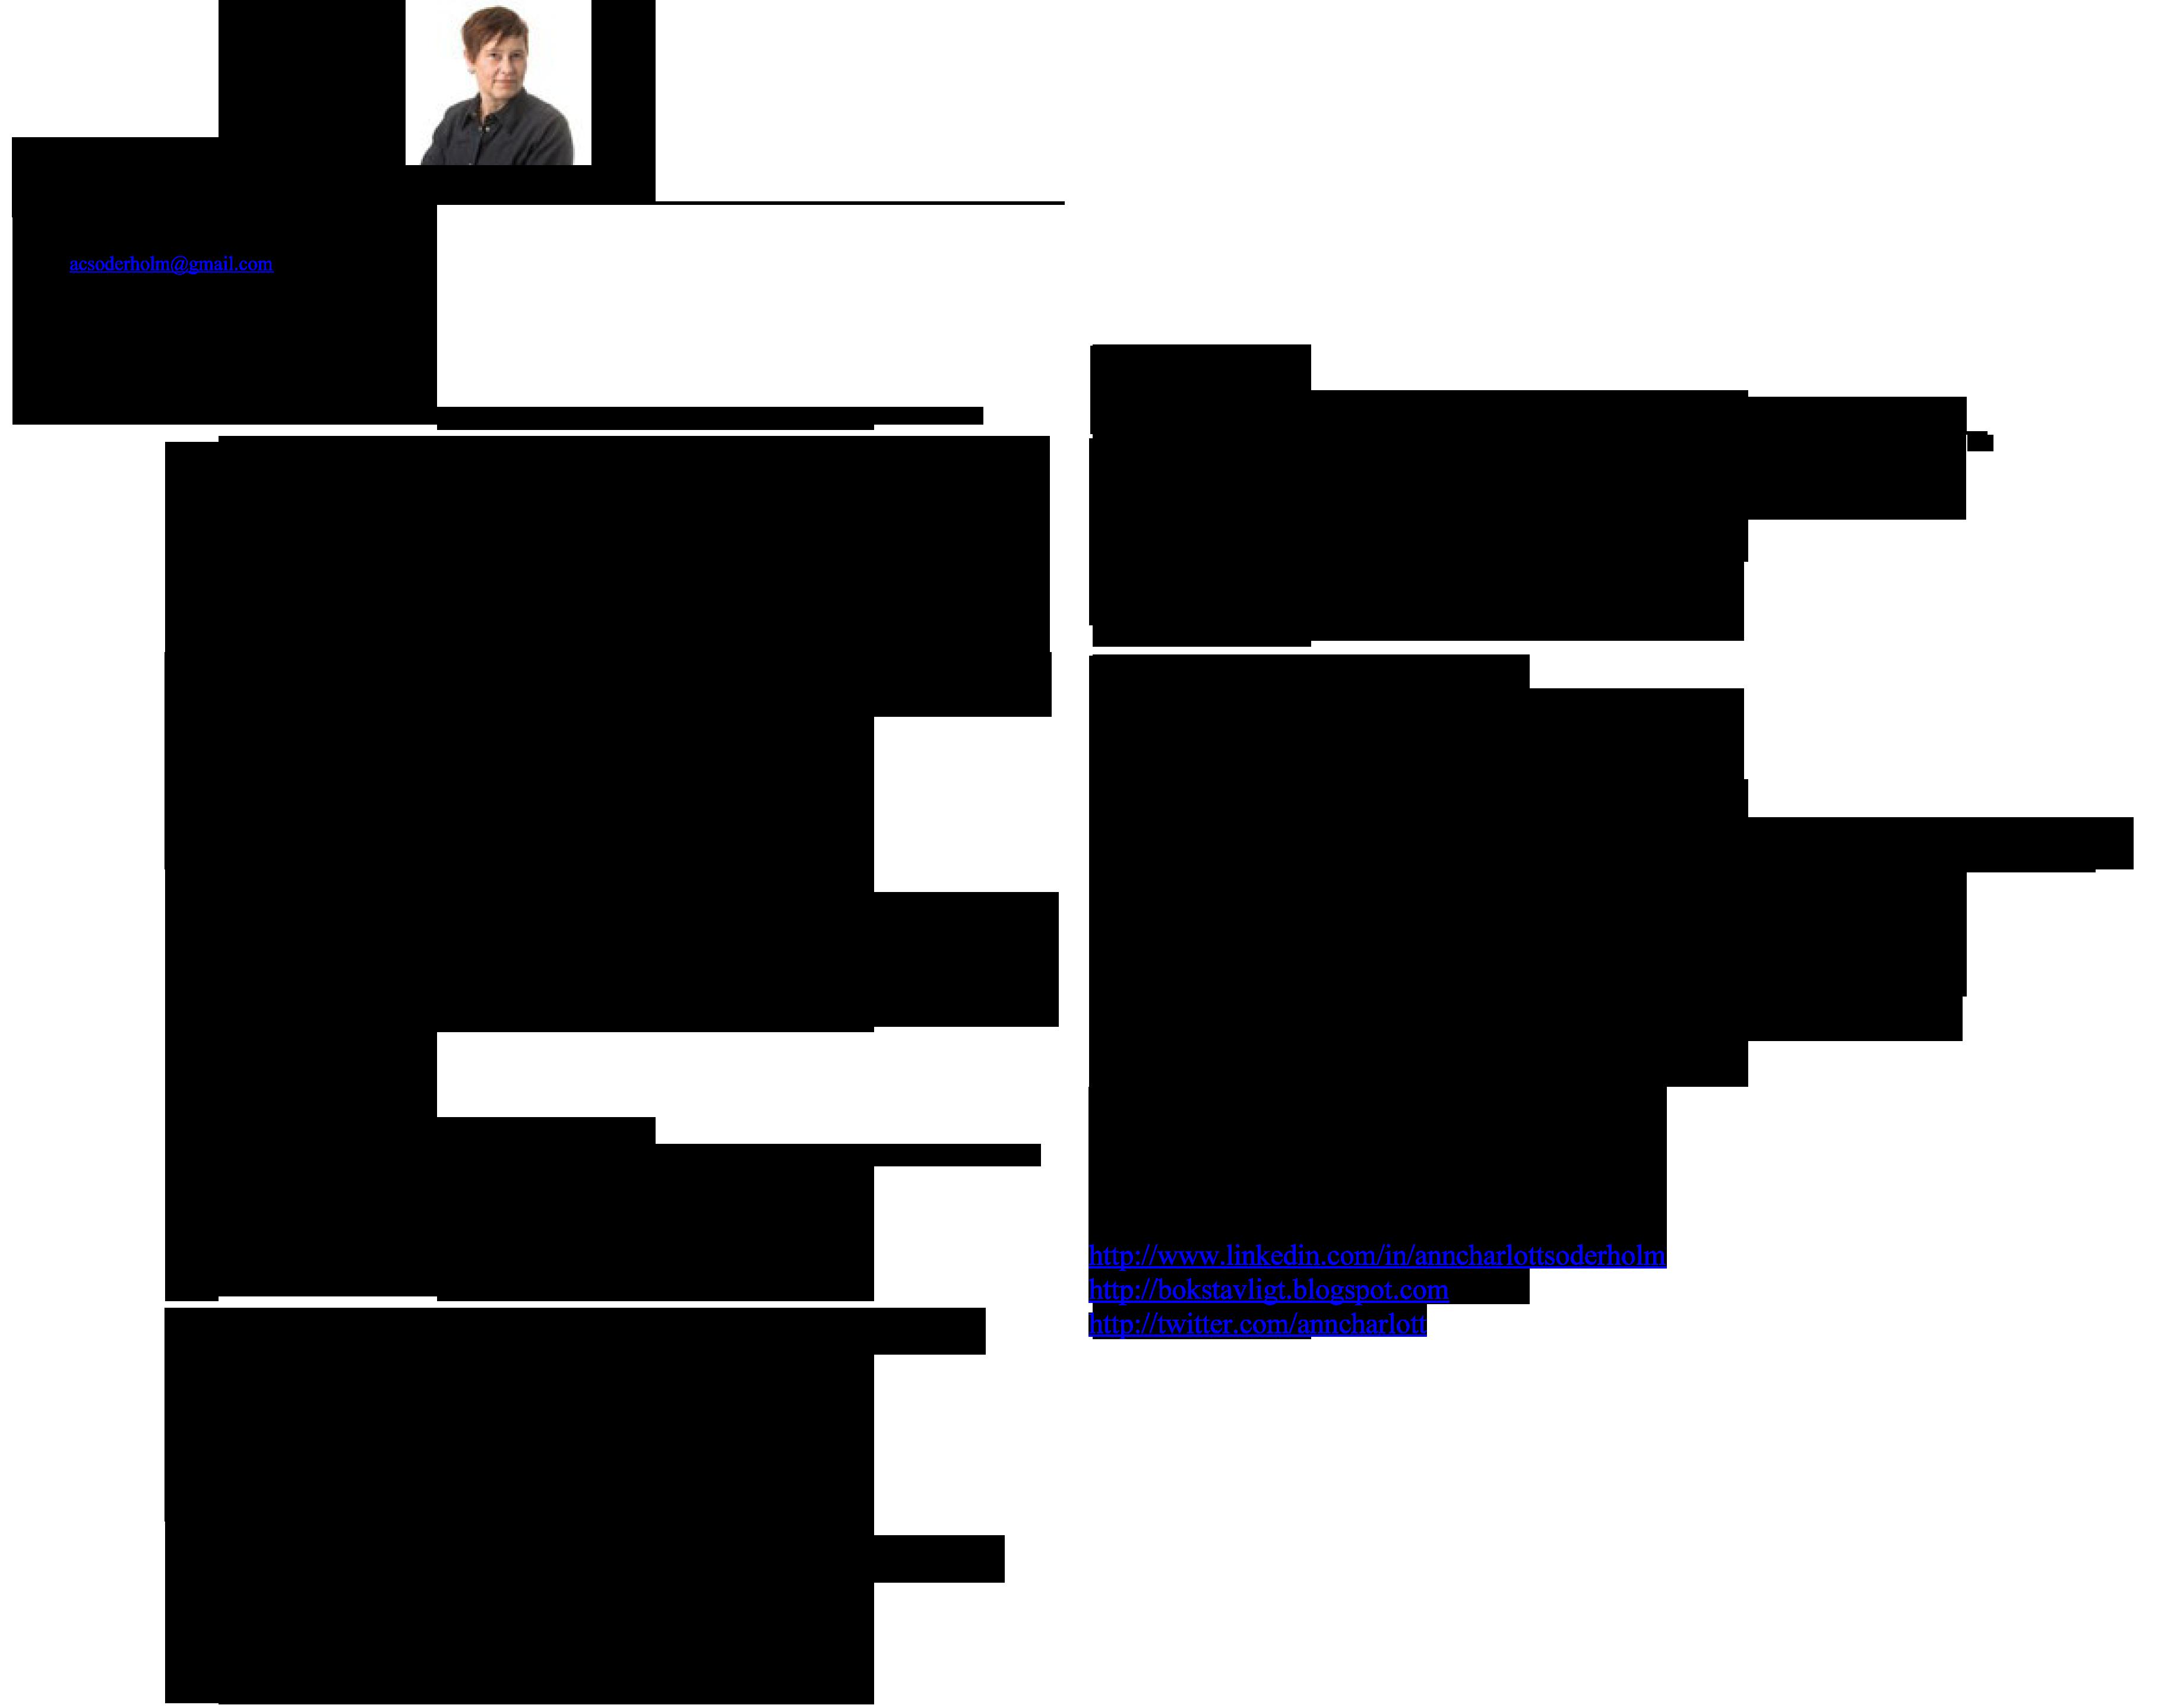 Anncharlott Soderholm Pr Info Projektledning Strategi Projektledning Utbildning Arbete